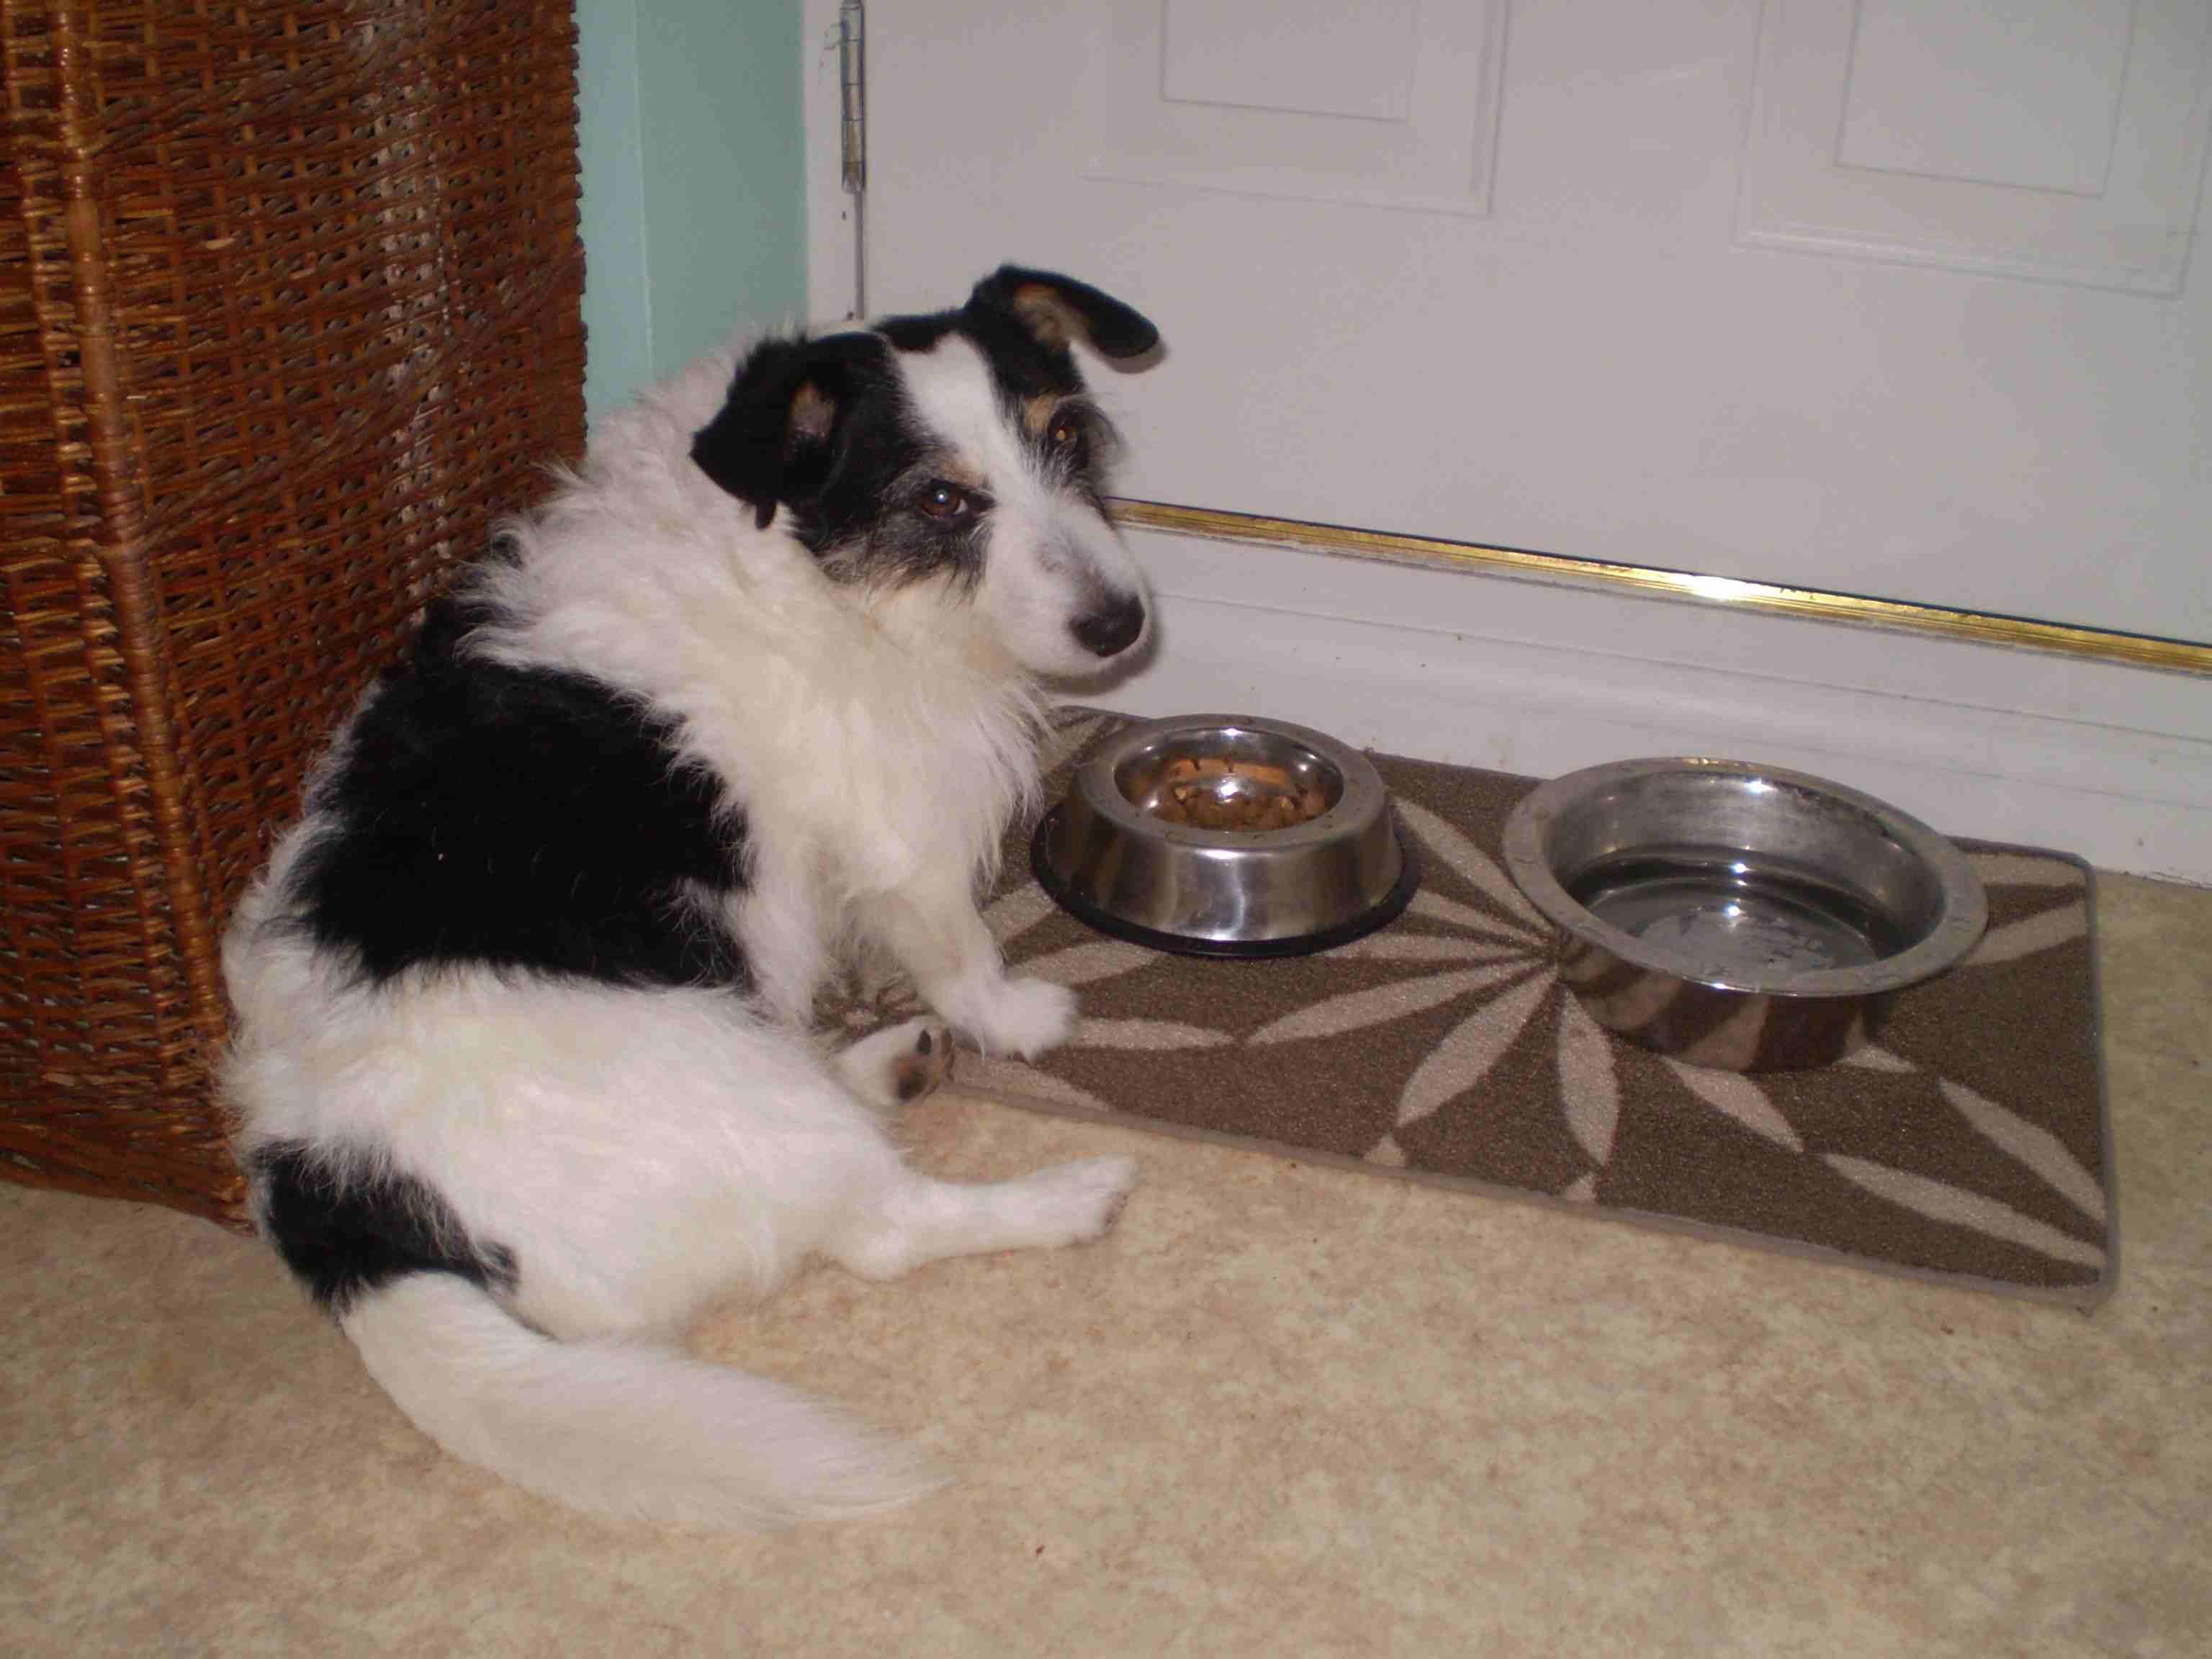 Perro sentado frente a tazones de comida